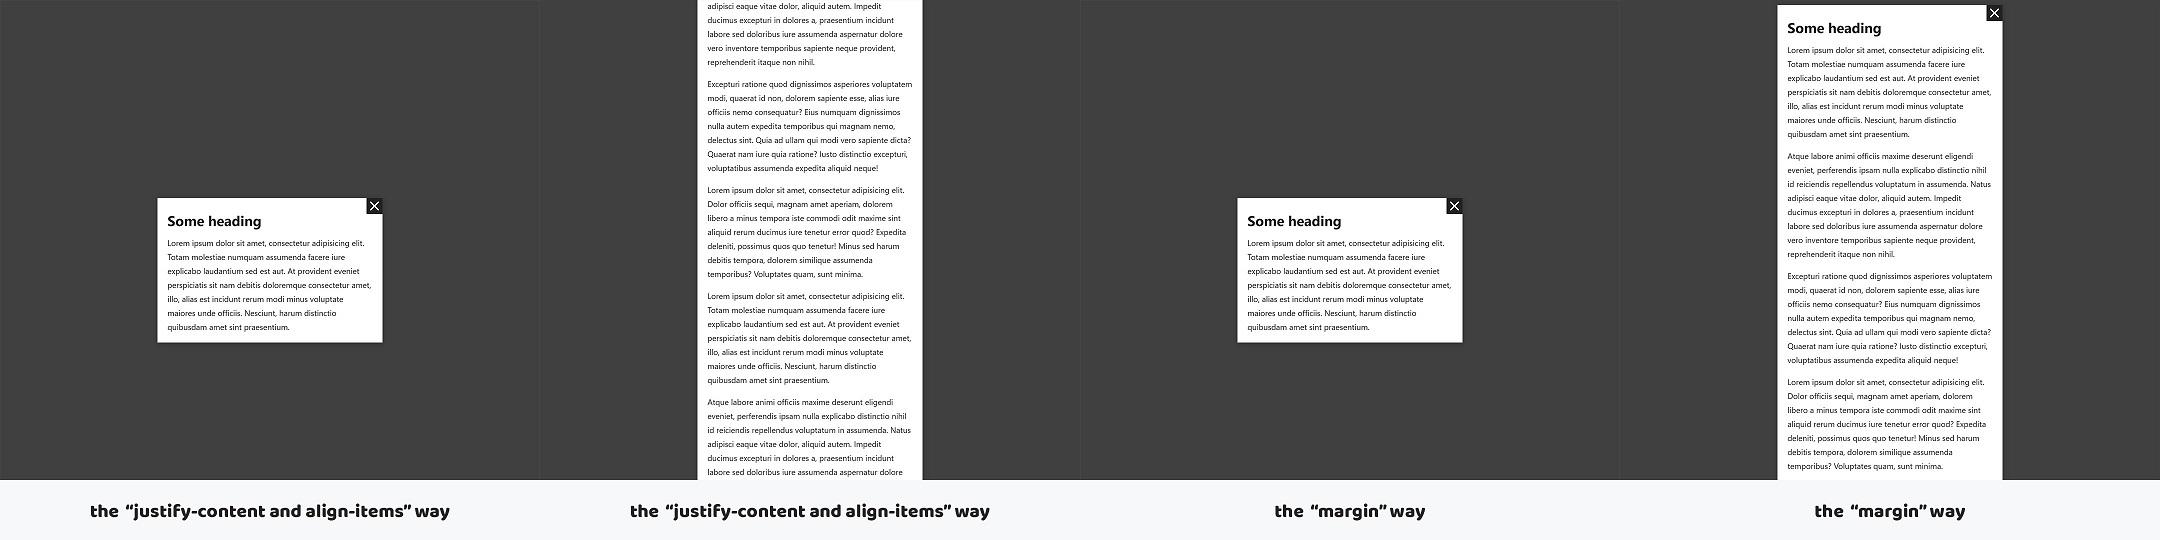 HTML и CSS ошибки, ухудшающие UX